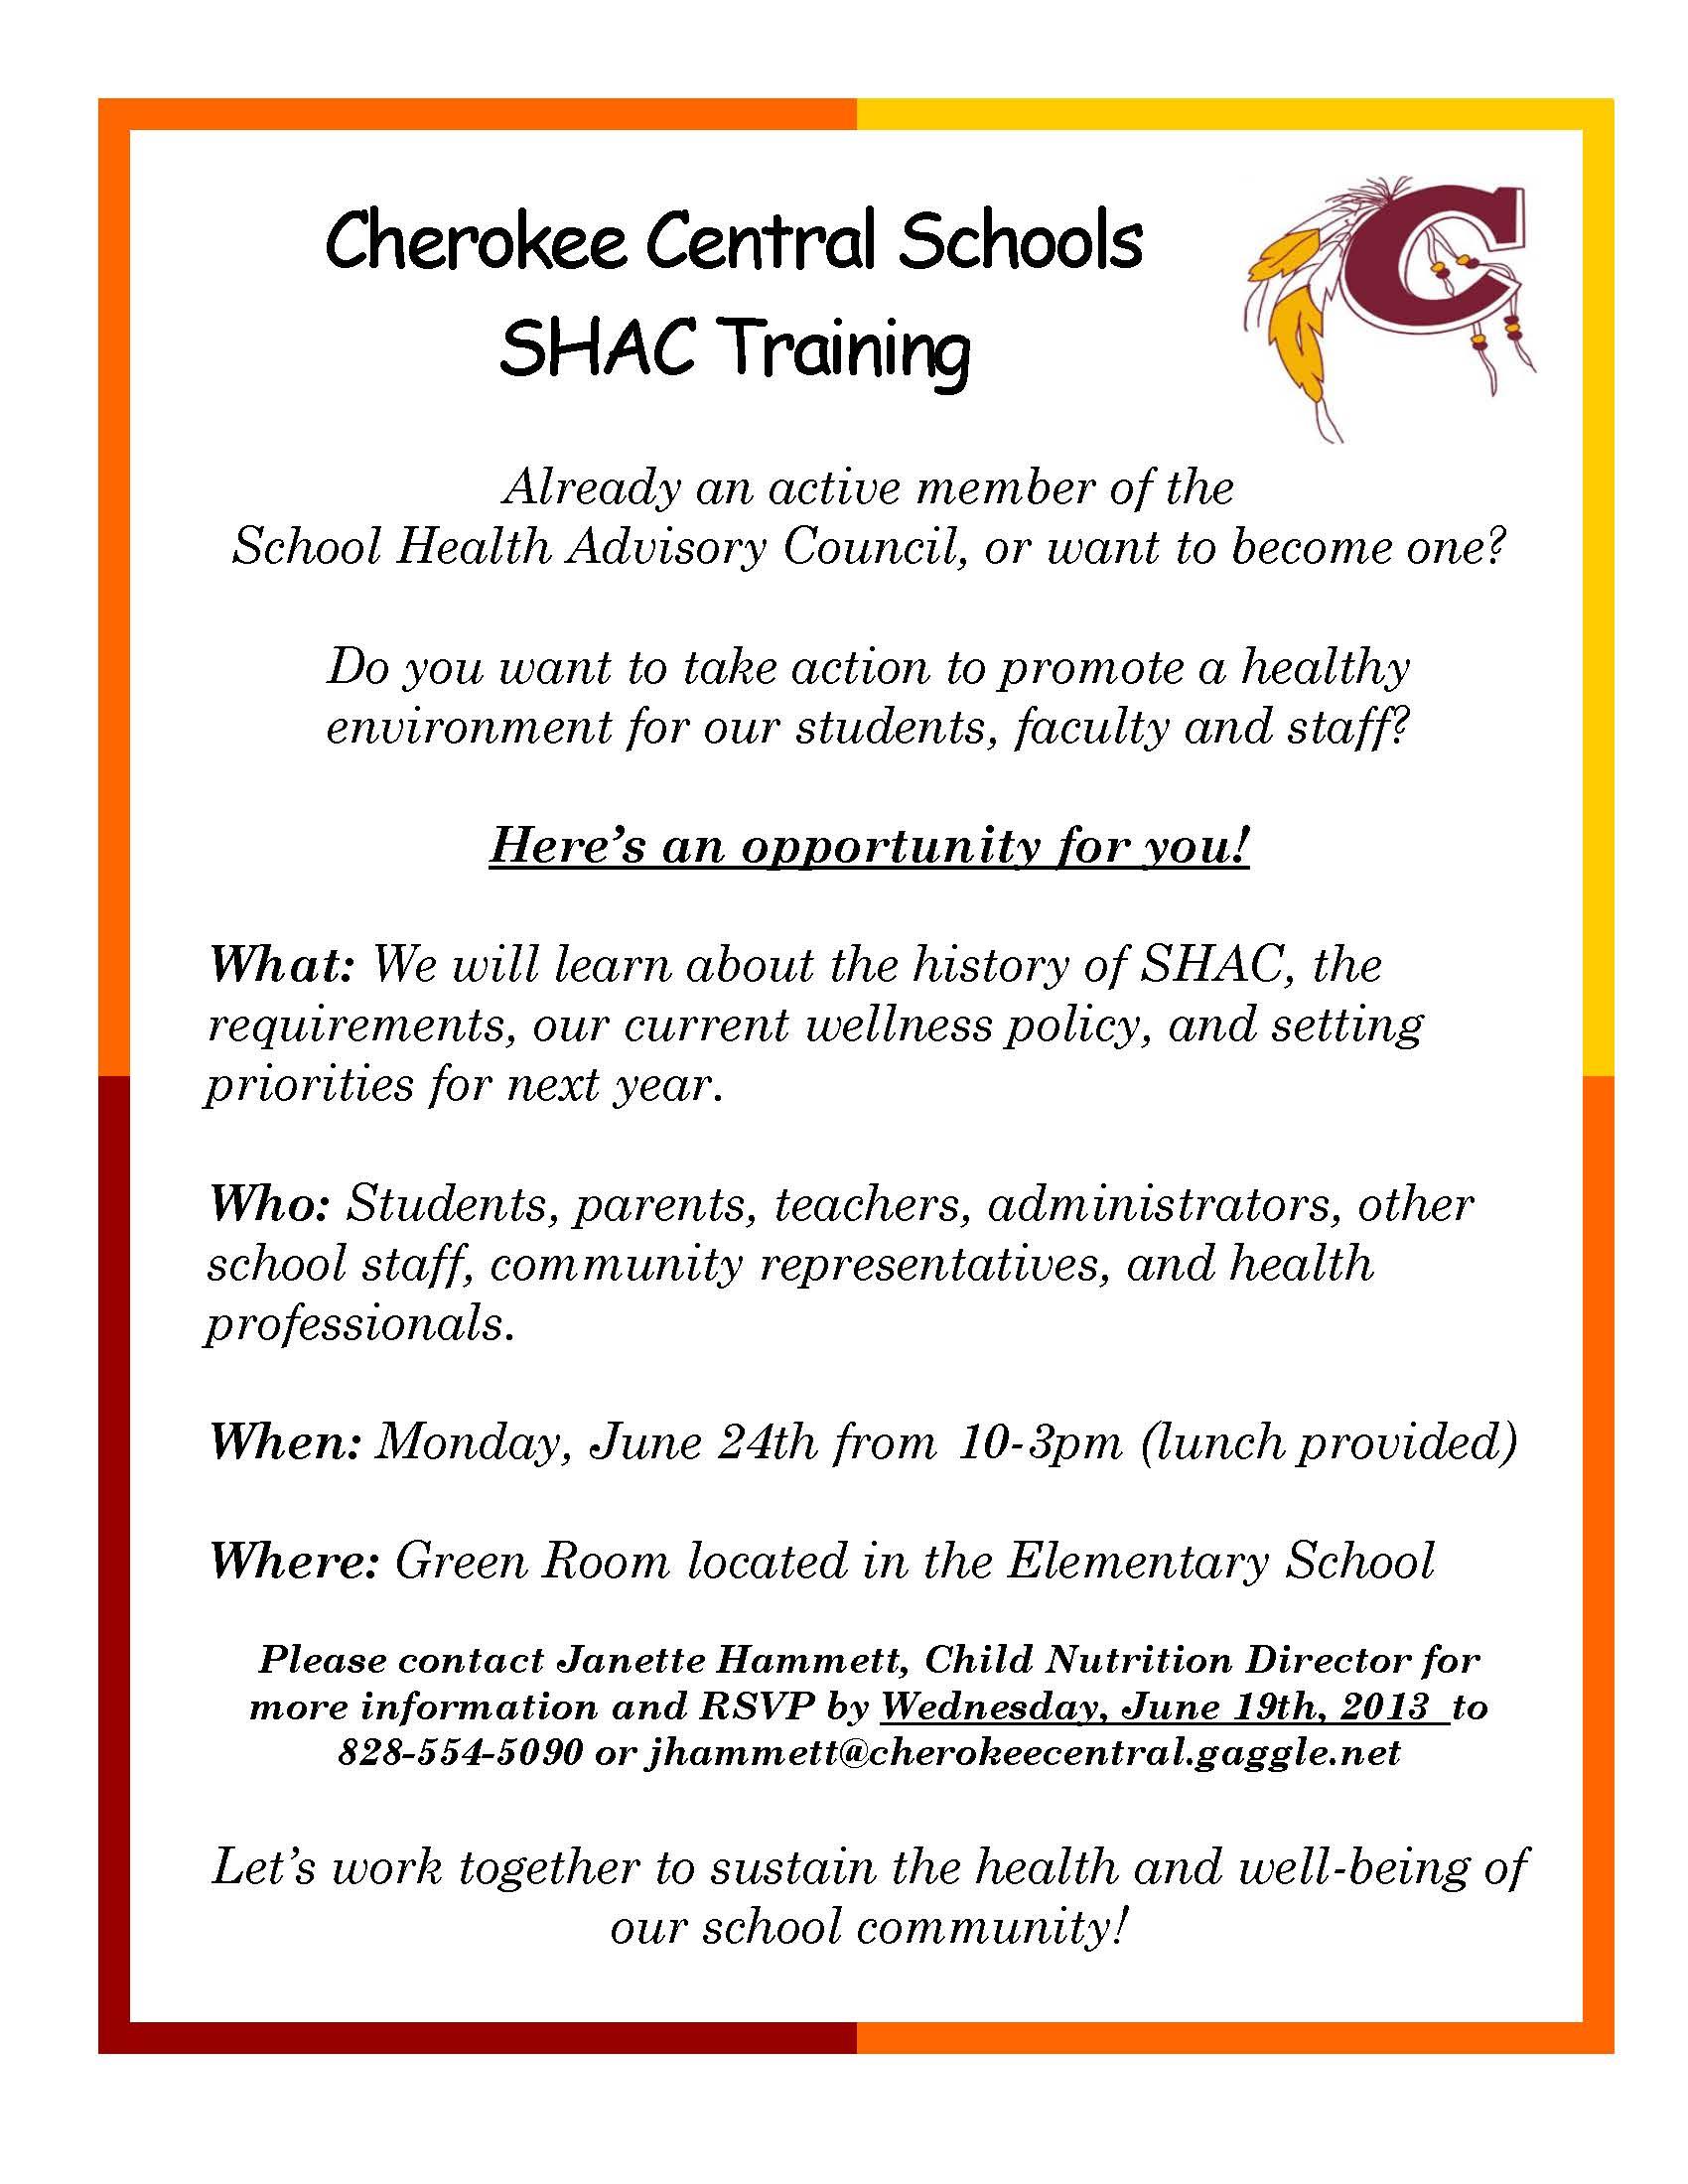 05 28 13_SHAC Training Invite